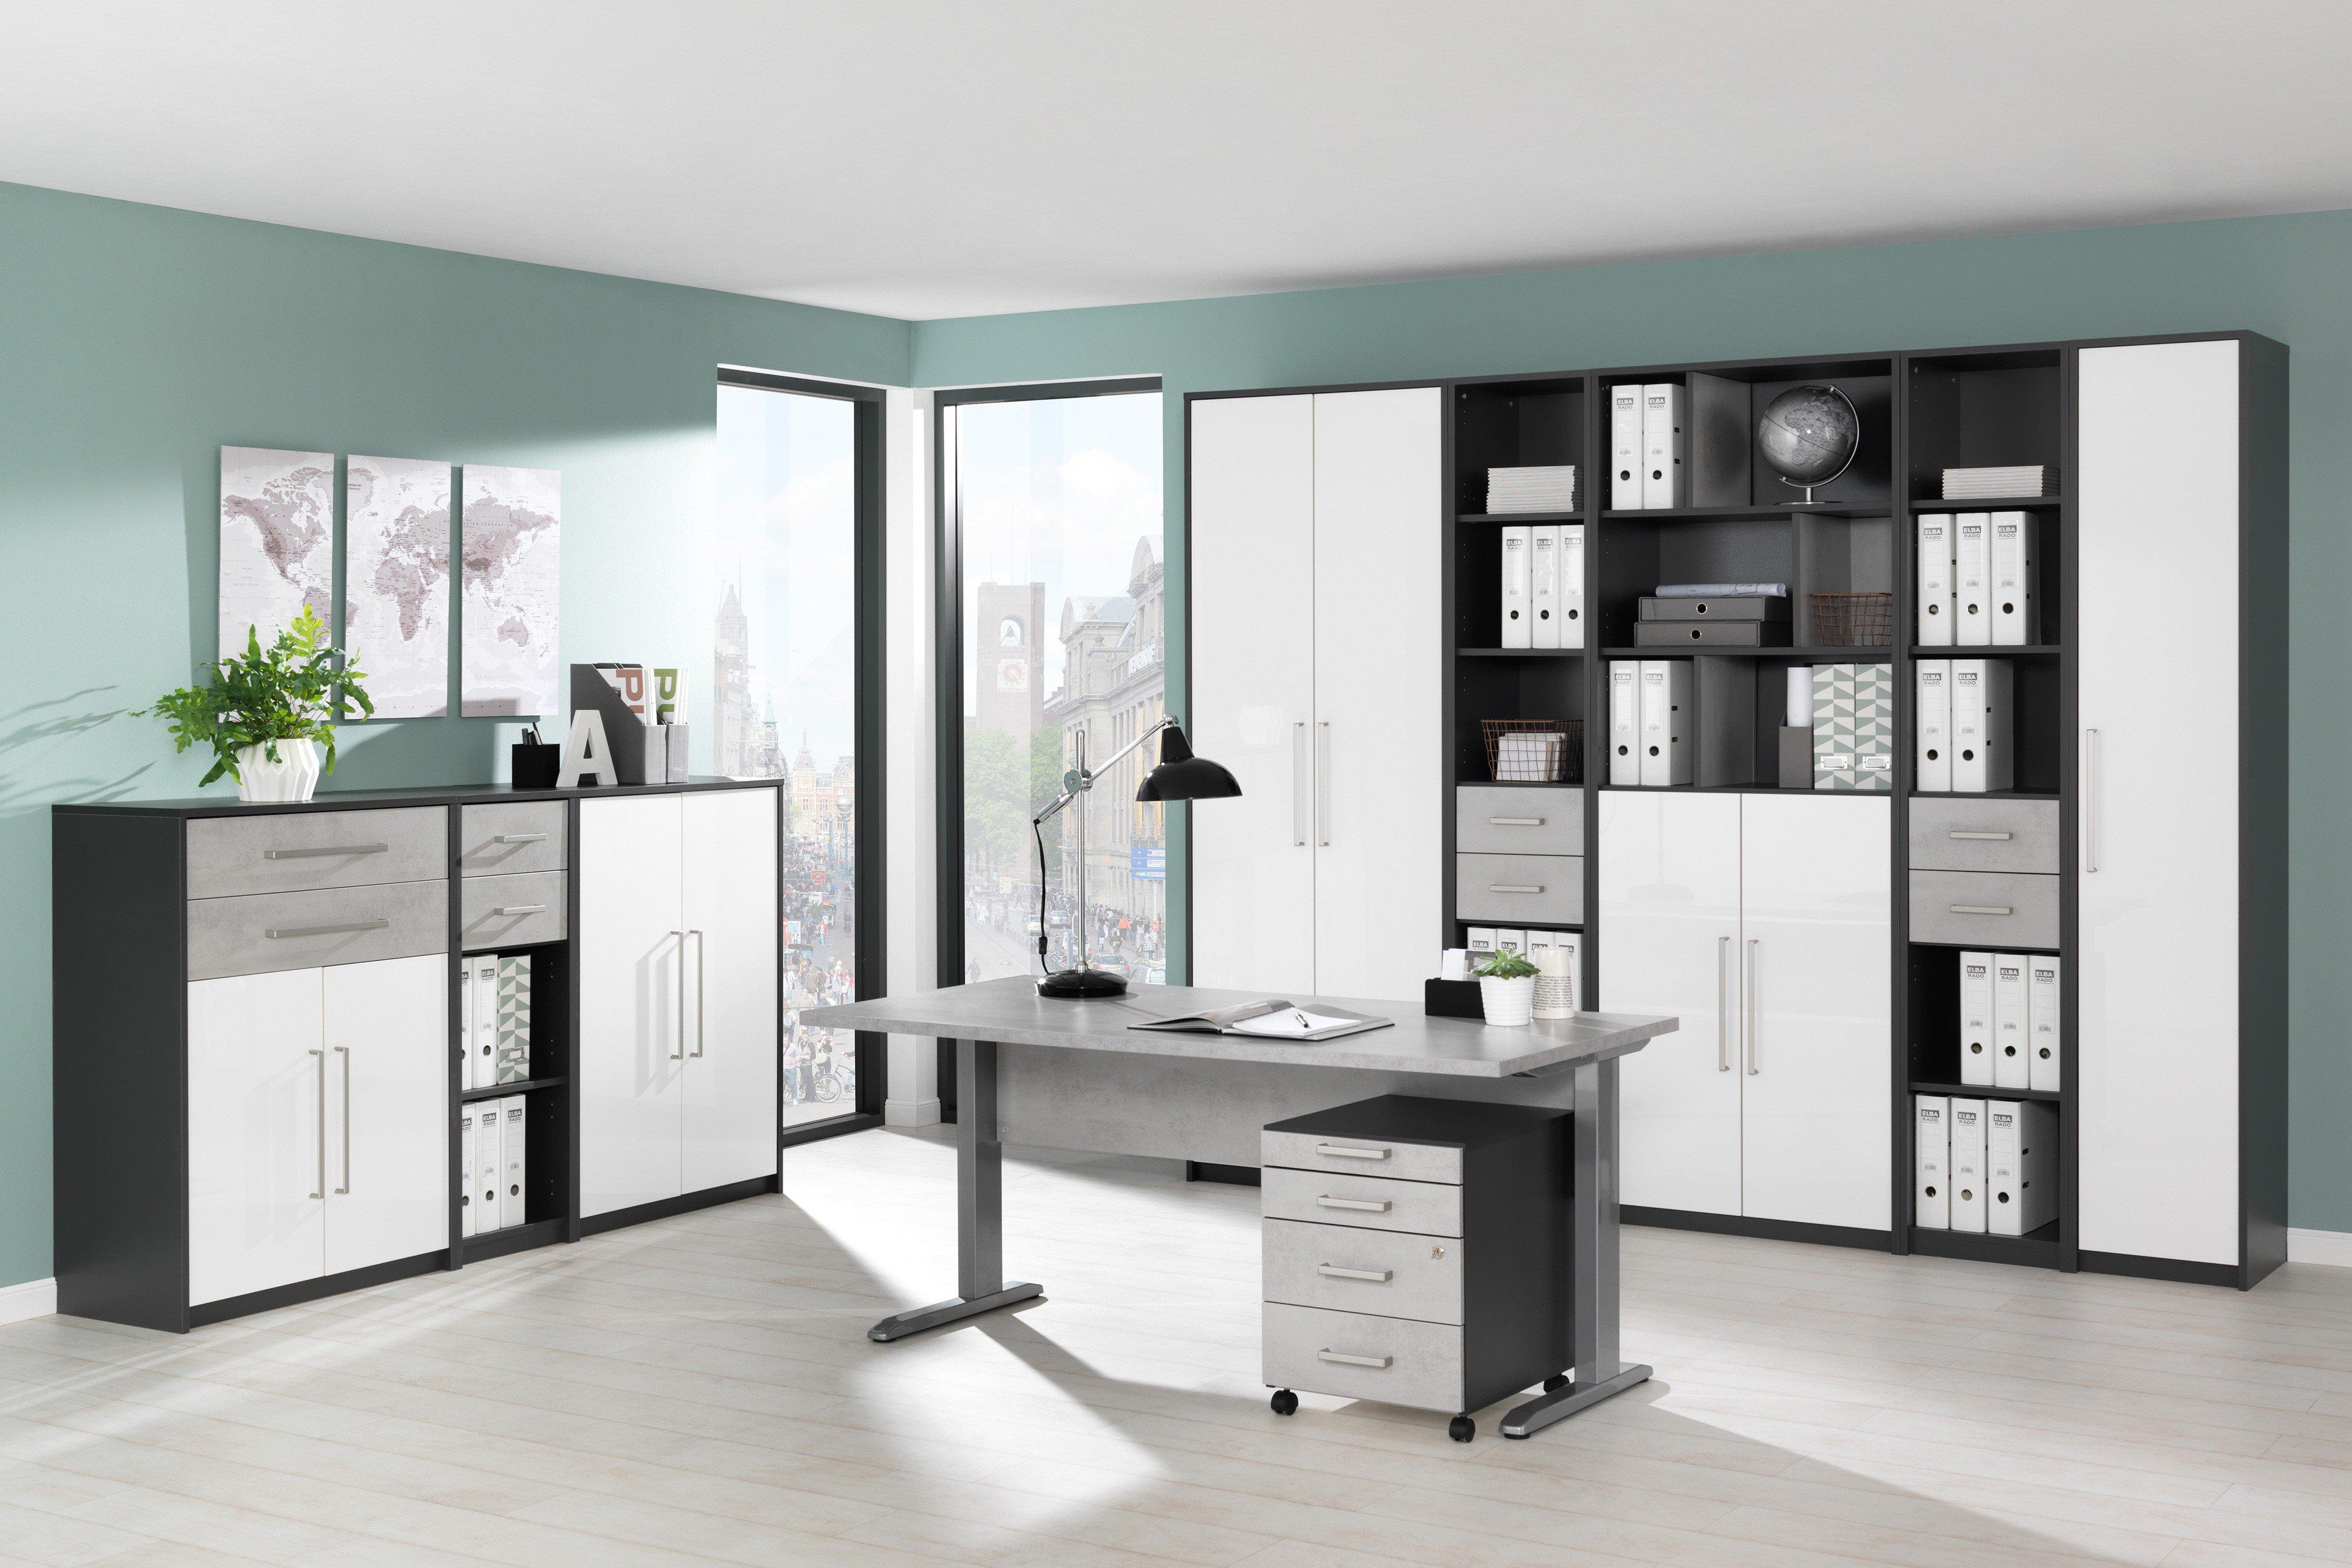 Schön Schreibtisch Mit Rollcontainer Sammlung Von Planeo Von Wellemöbel -